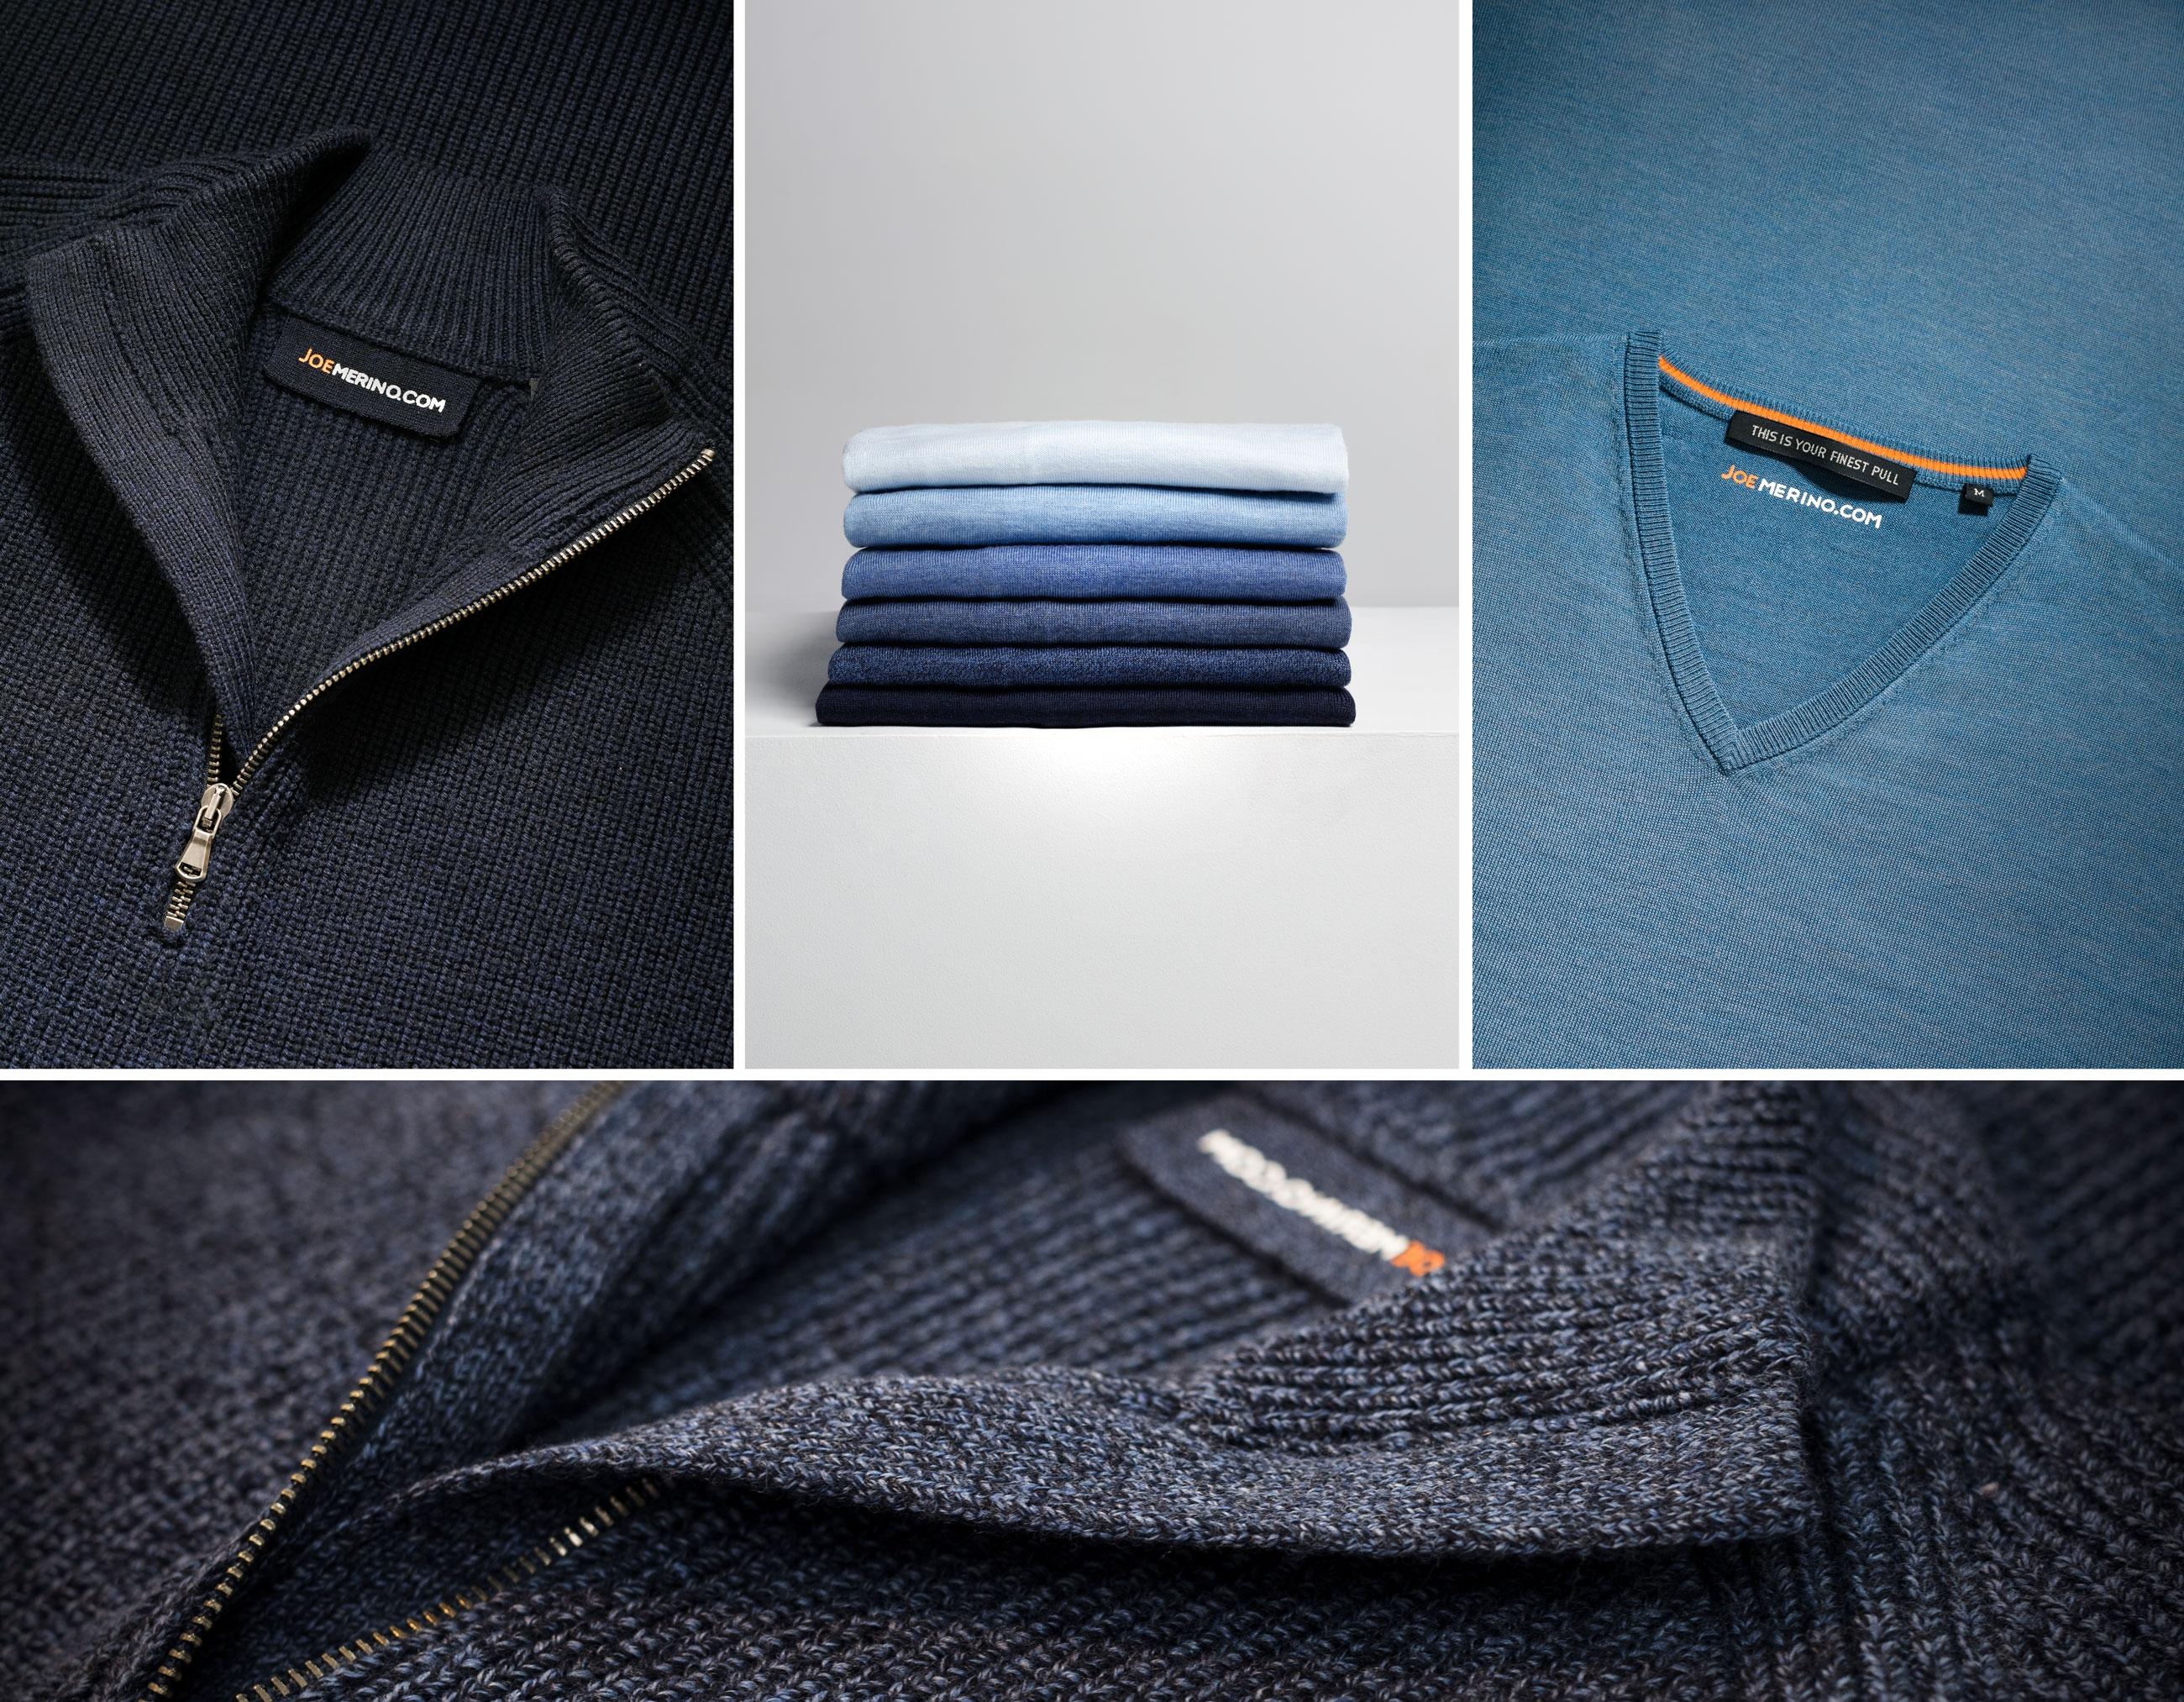 Edle Pullover für Herren von Joe Merino - hergestellt aus 100% feiner Merinowolle.